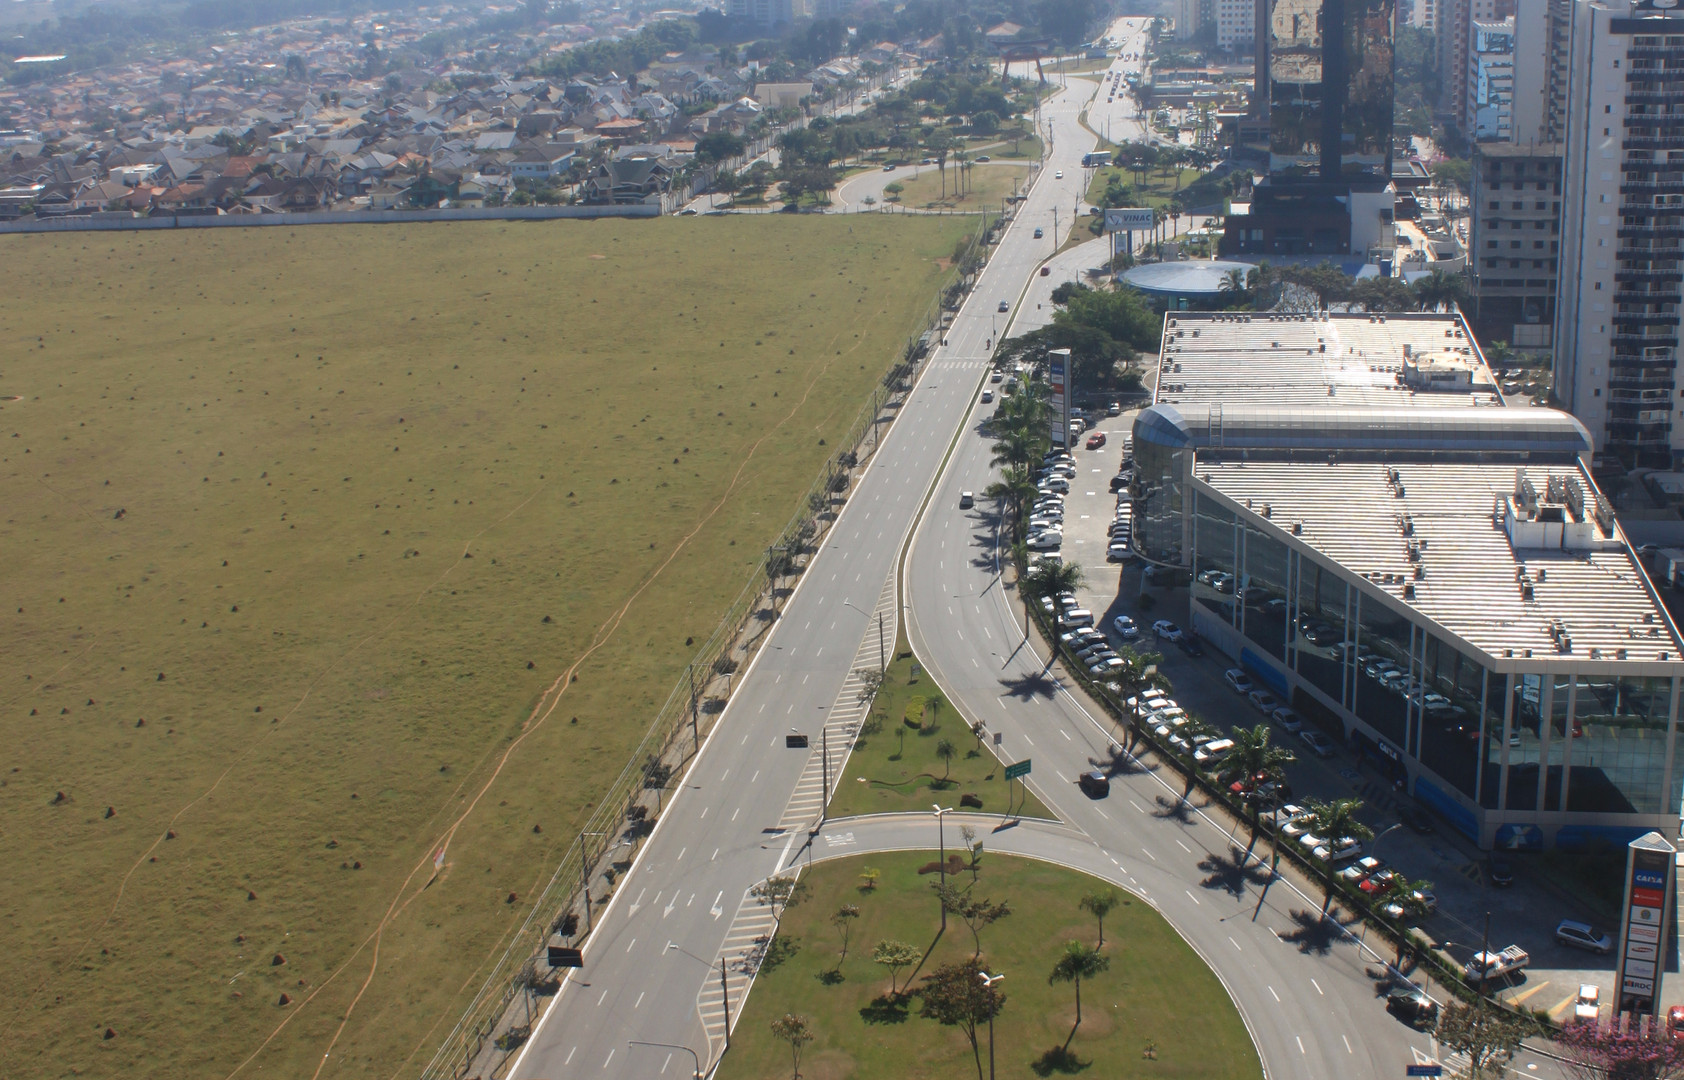 Vista São José dos Campos / São José dos Campos view